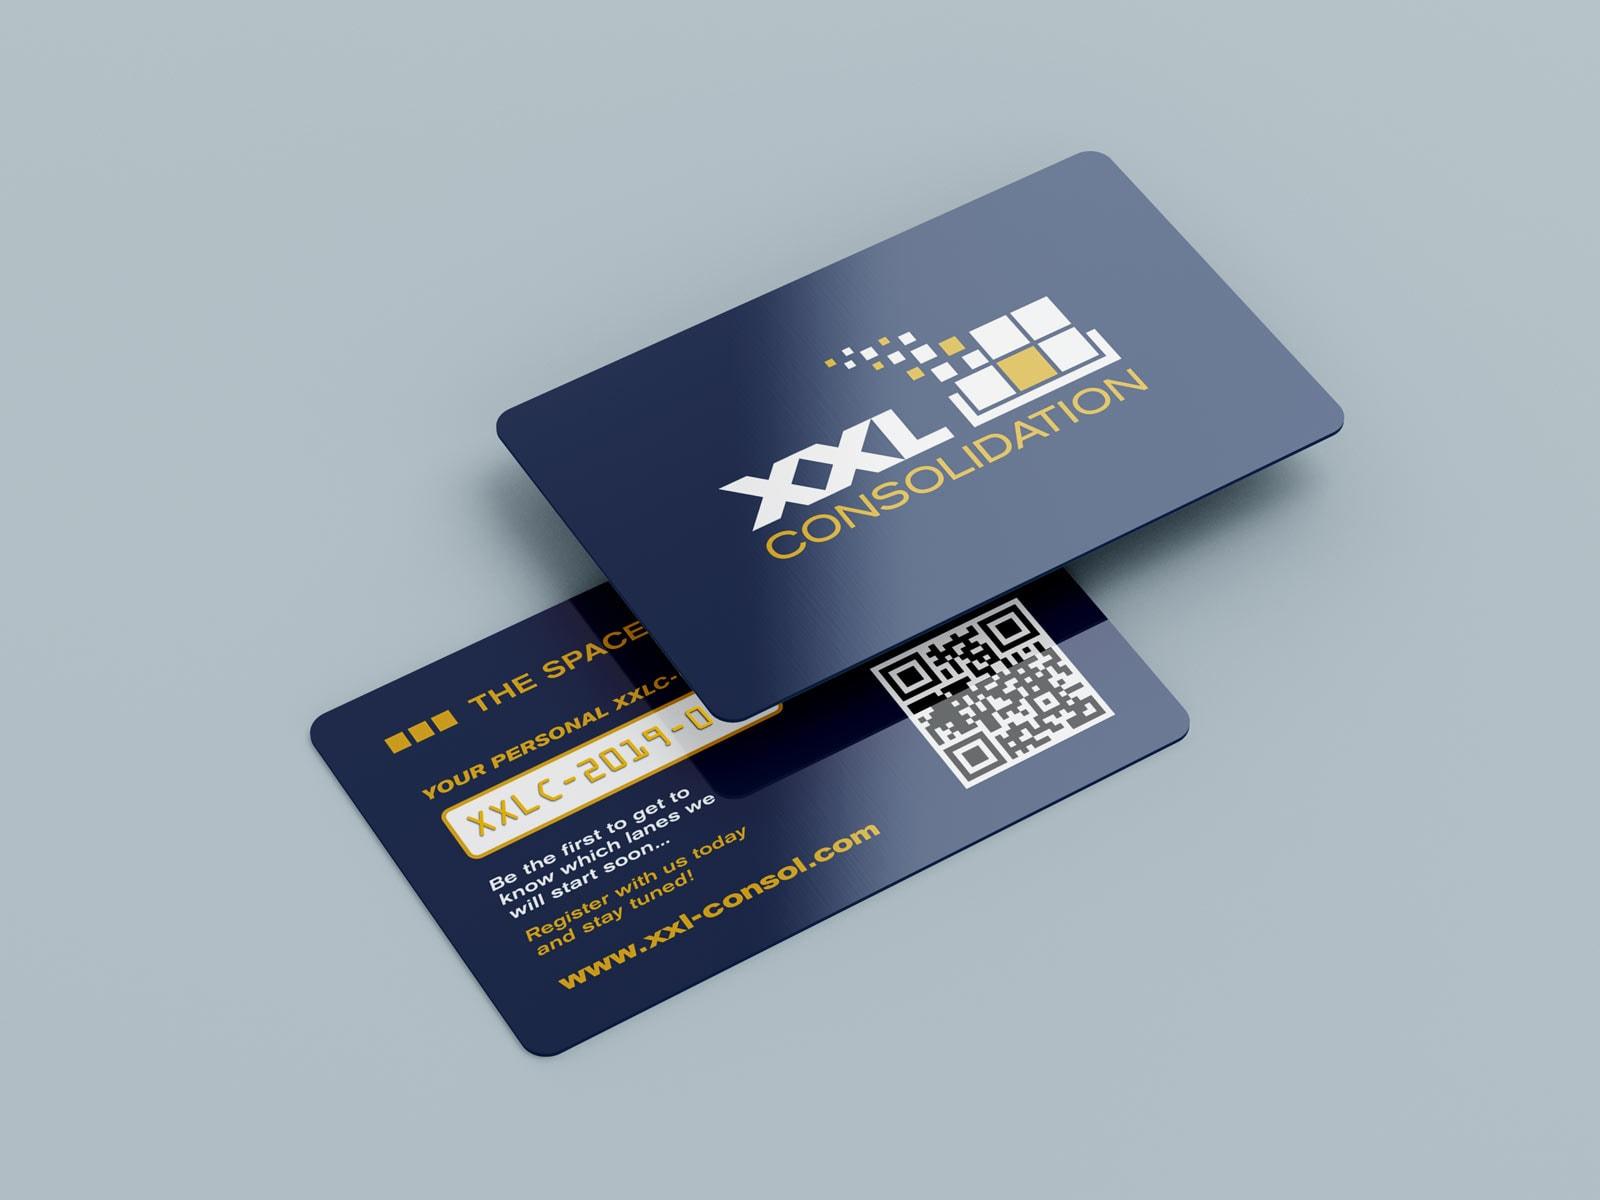 XXL-C, personalisierte Kunstoff-Karte, Messebedarf, Werbemittel, Ansicht 1